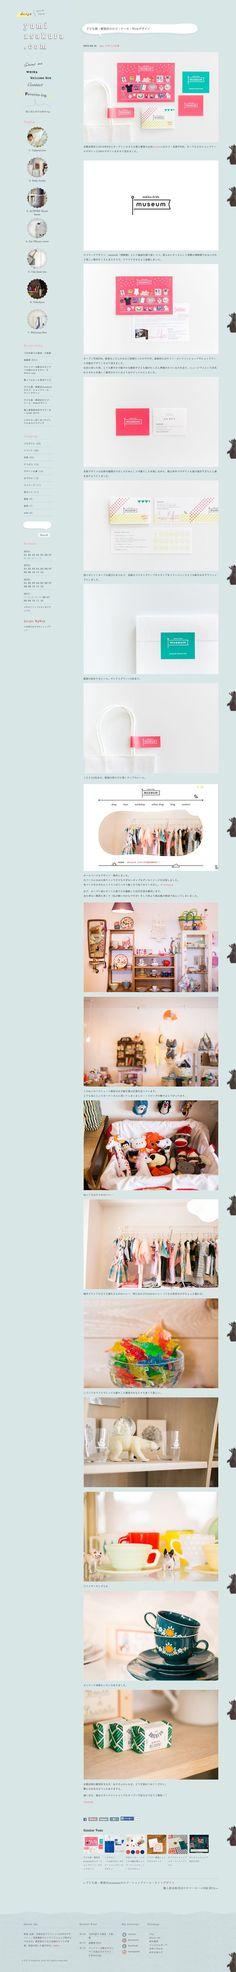 museum - 子ども服・雑貨店のロゴ・ツール・Webデザイン: